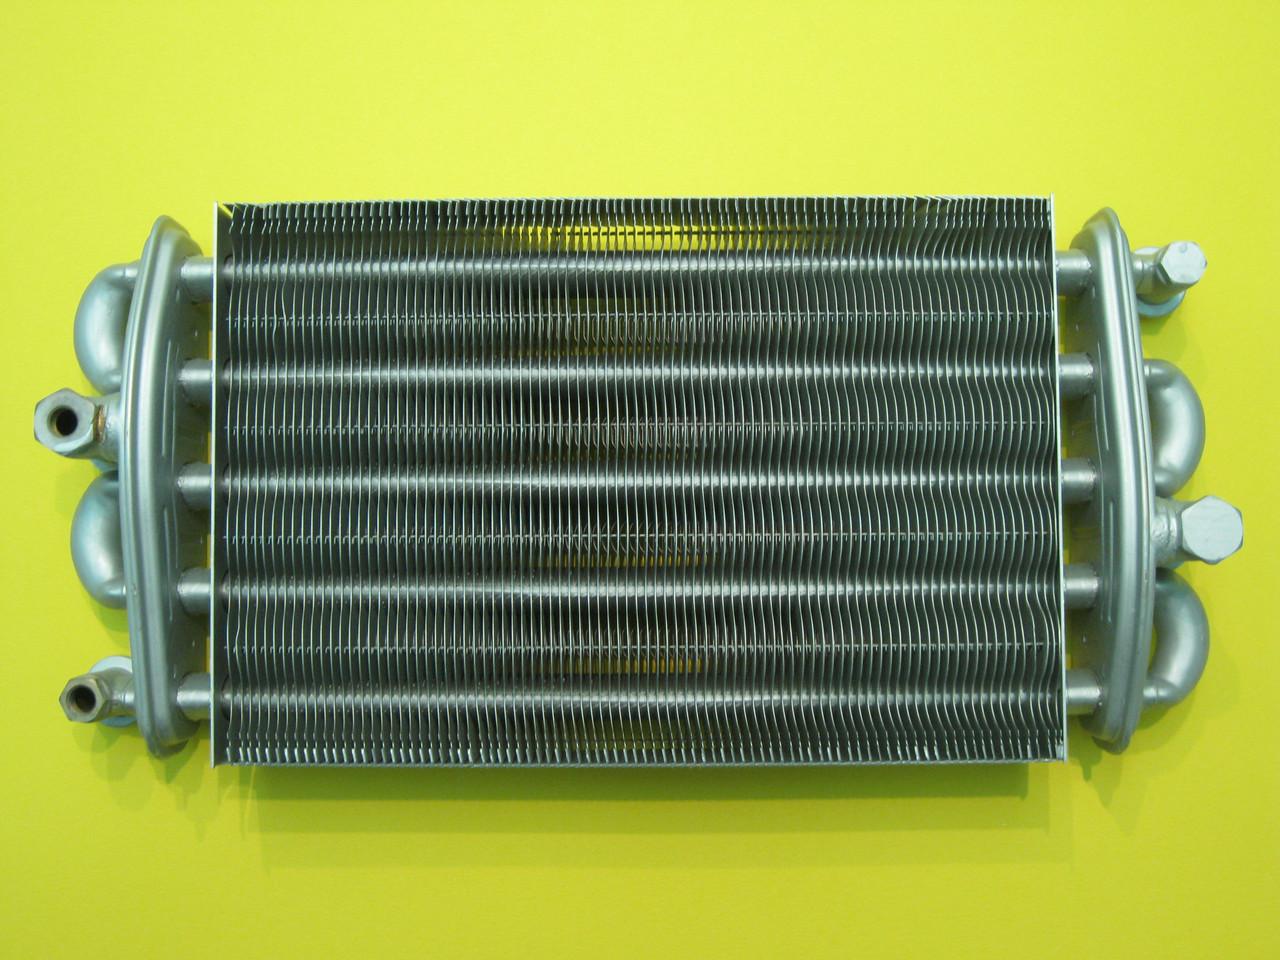 Теплообменник vela compact Кожухотрубный жидкостный ресивер ONDA RL 15 Троицк